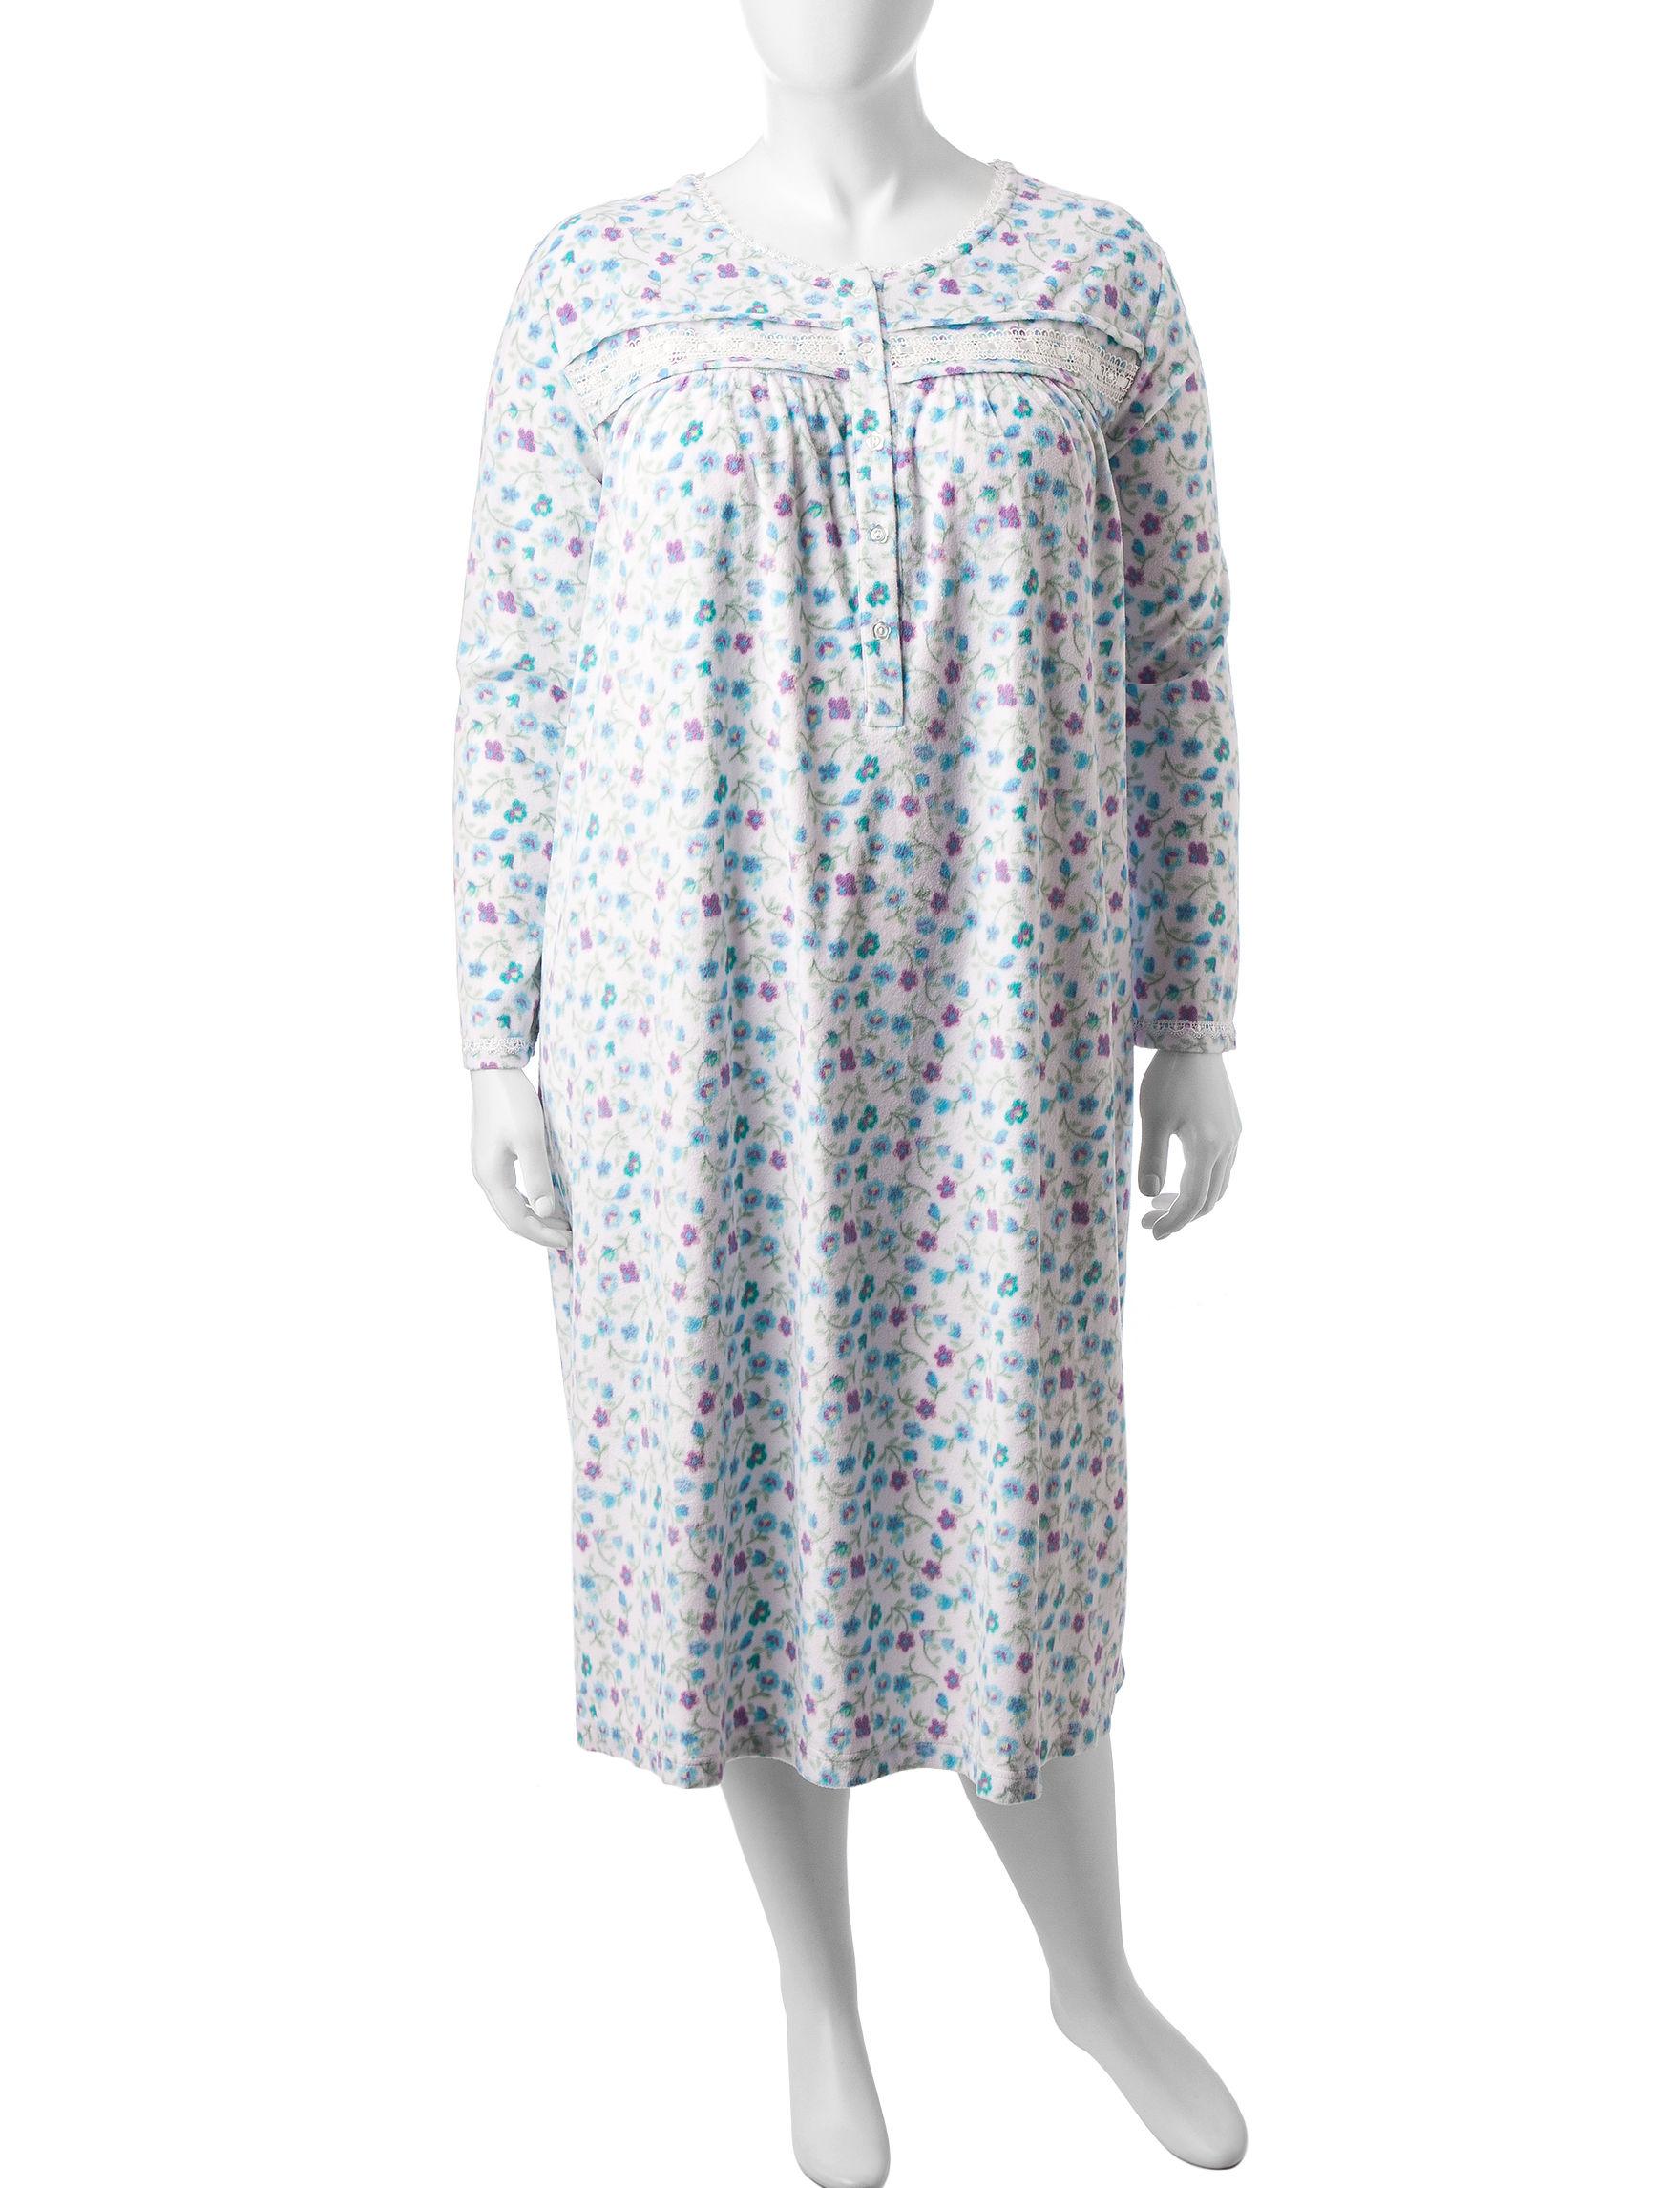 Rebecca Malone Ivory Nightgowns & Sleep Shirts